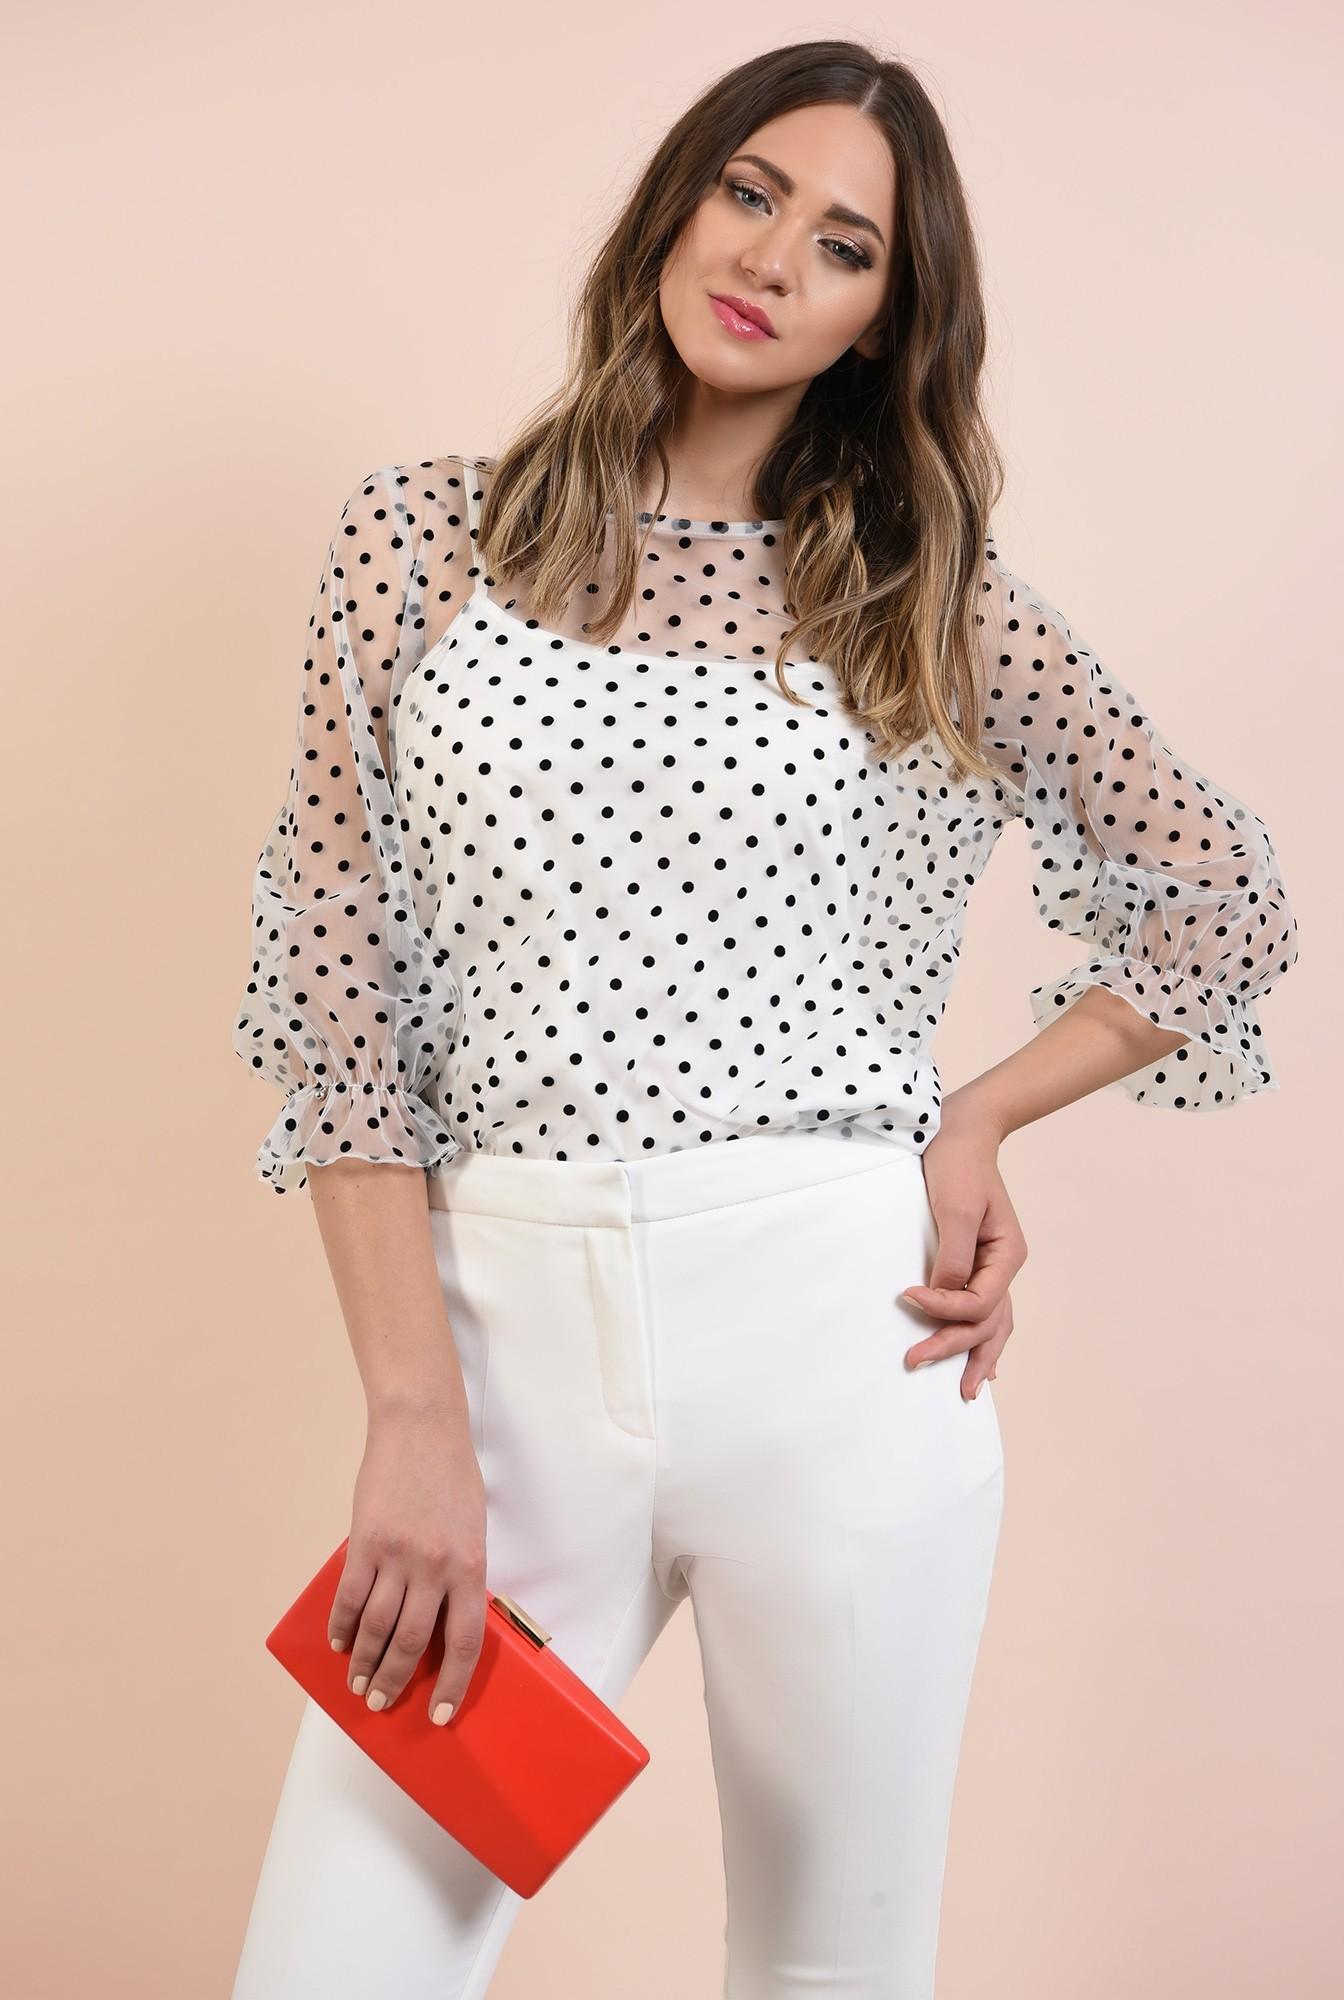 bluza de seara, transparenta, cu print, decolteu rotund la baza gatului